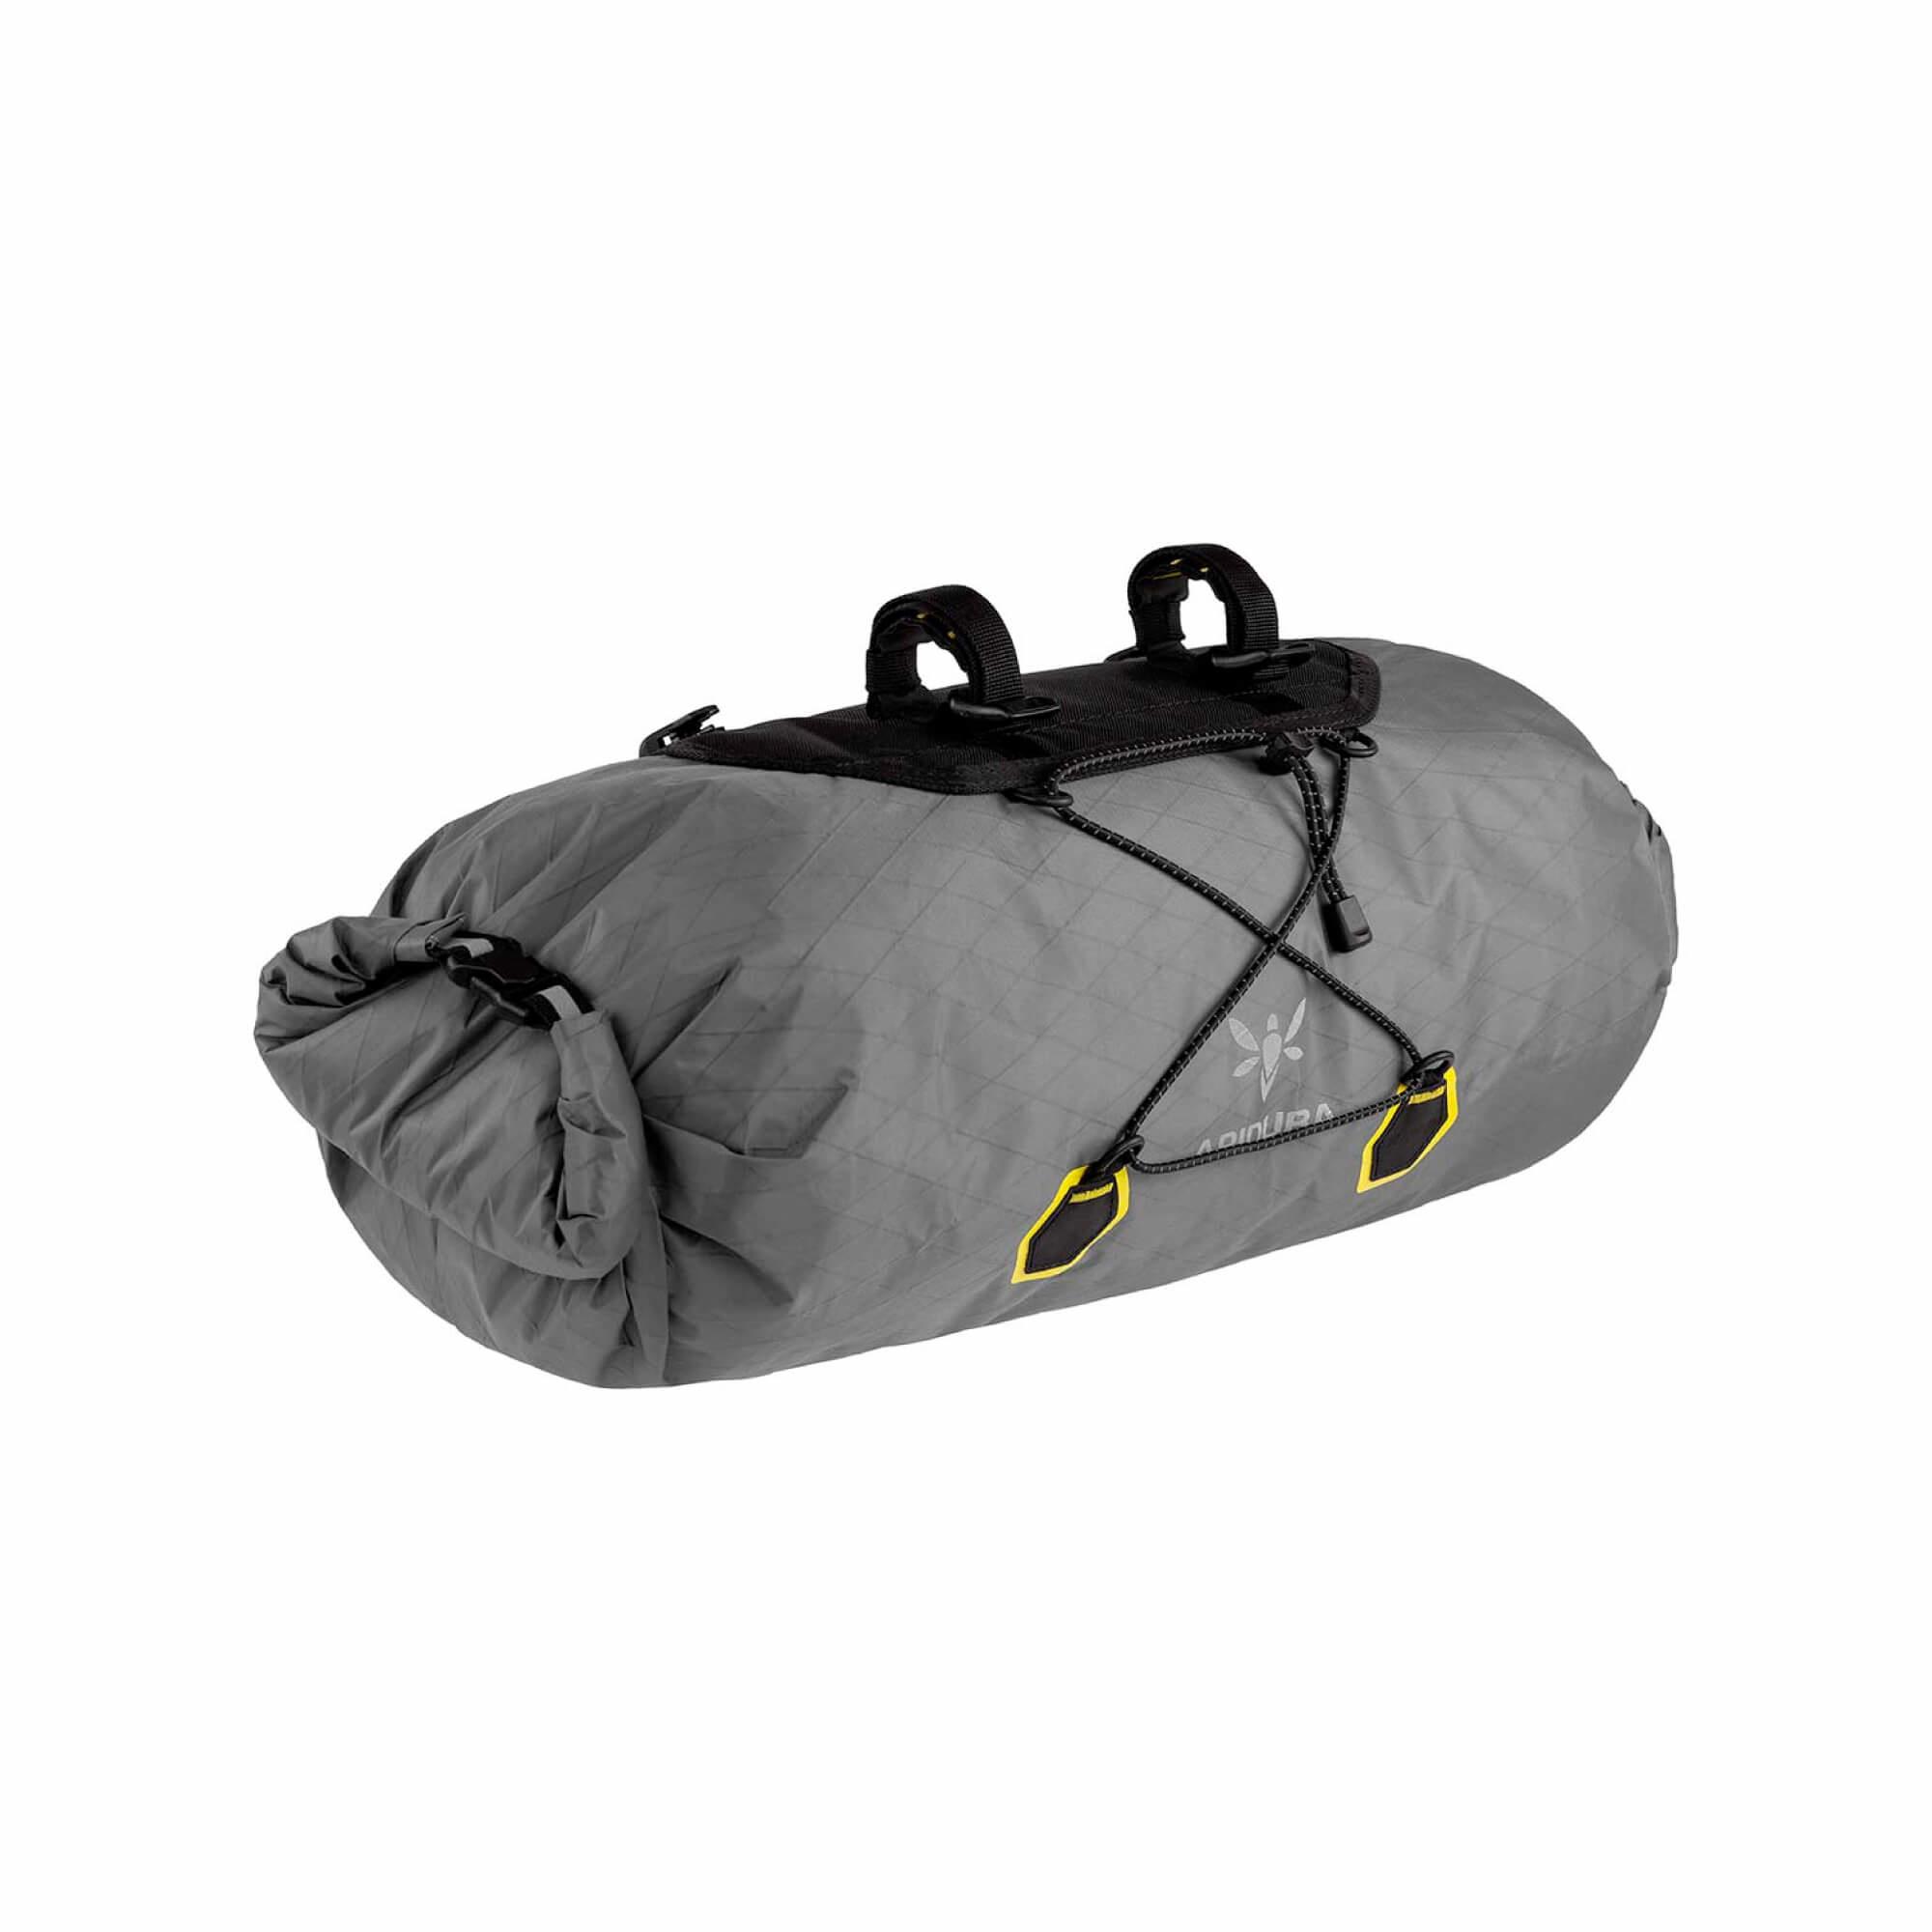 Backcountry Handlebar Pack-11